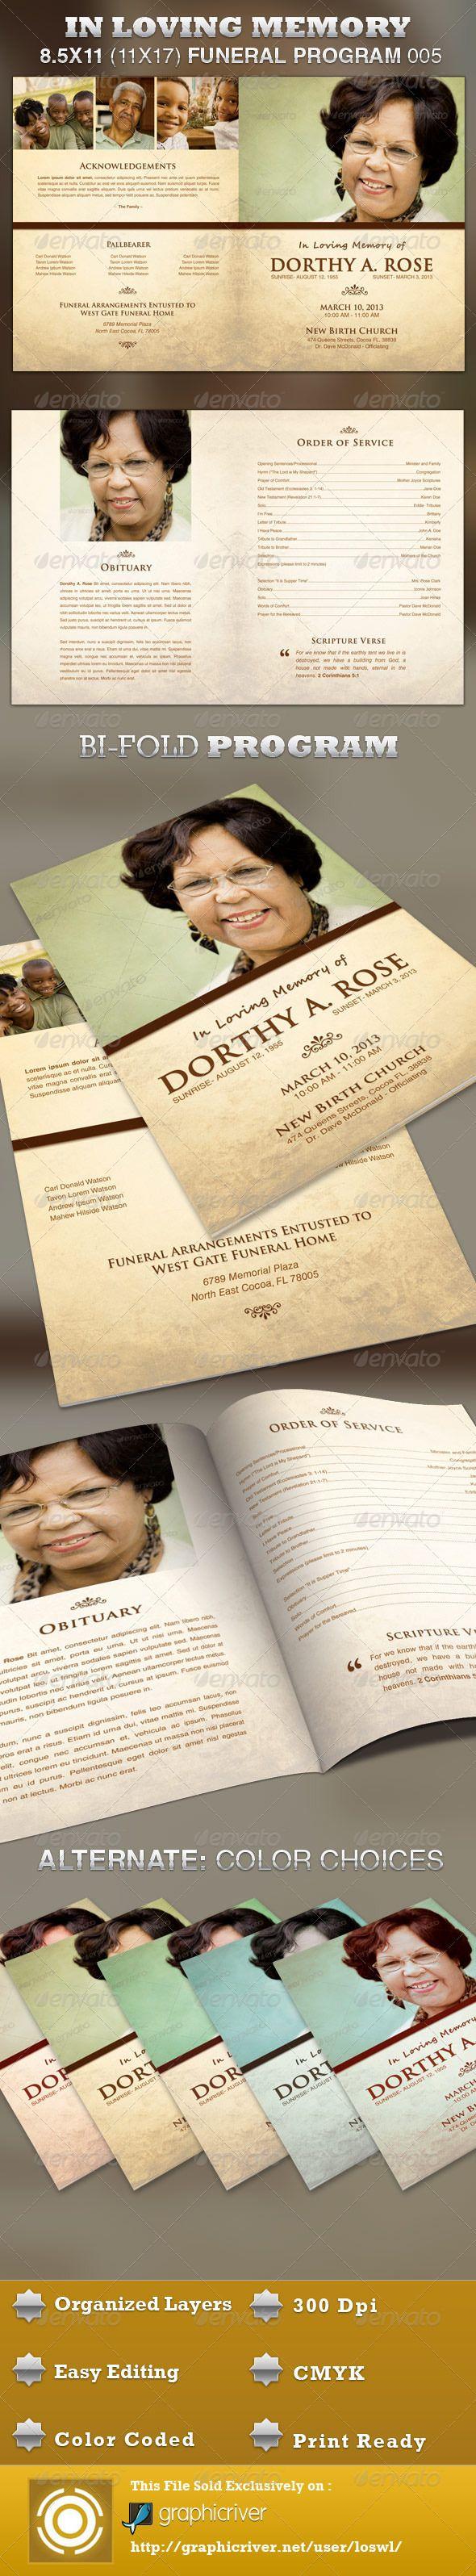 In Loving Memory Funeral Program Template 005 | Recuerdos, Funeral y ...